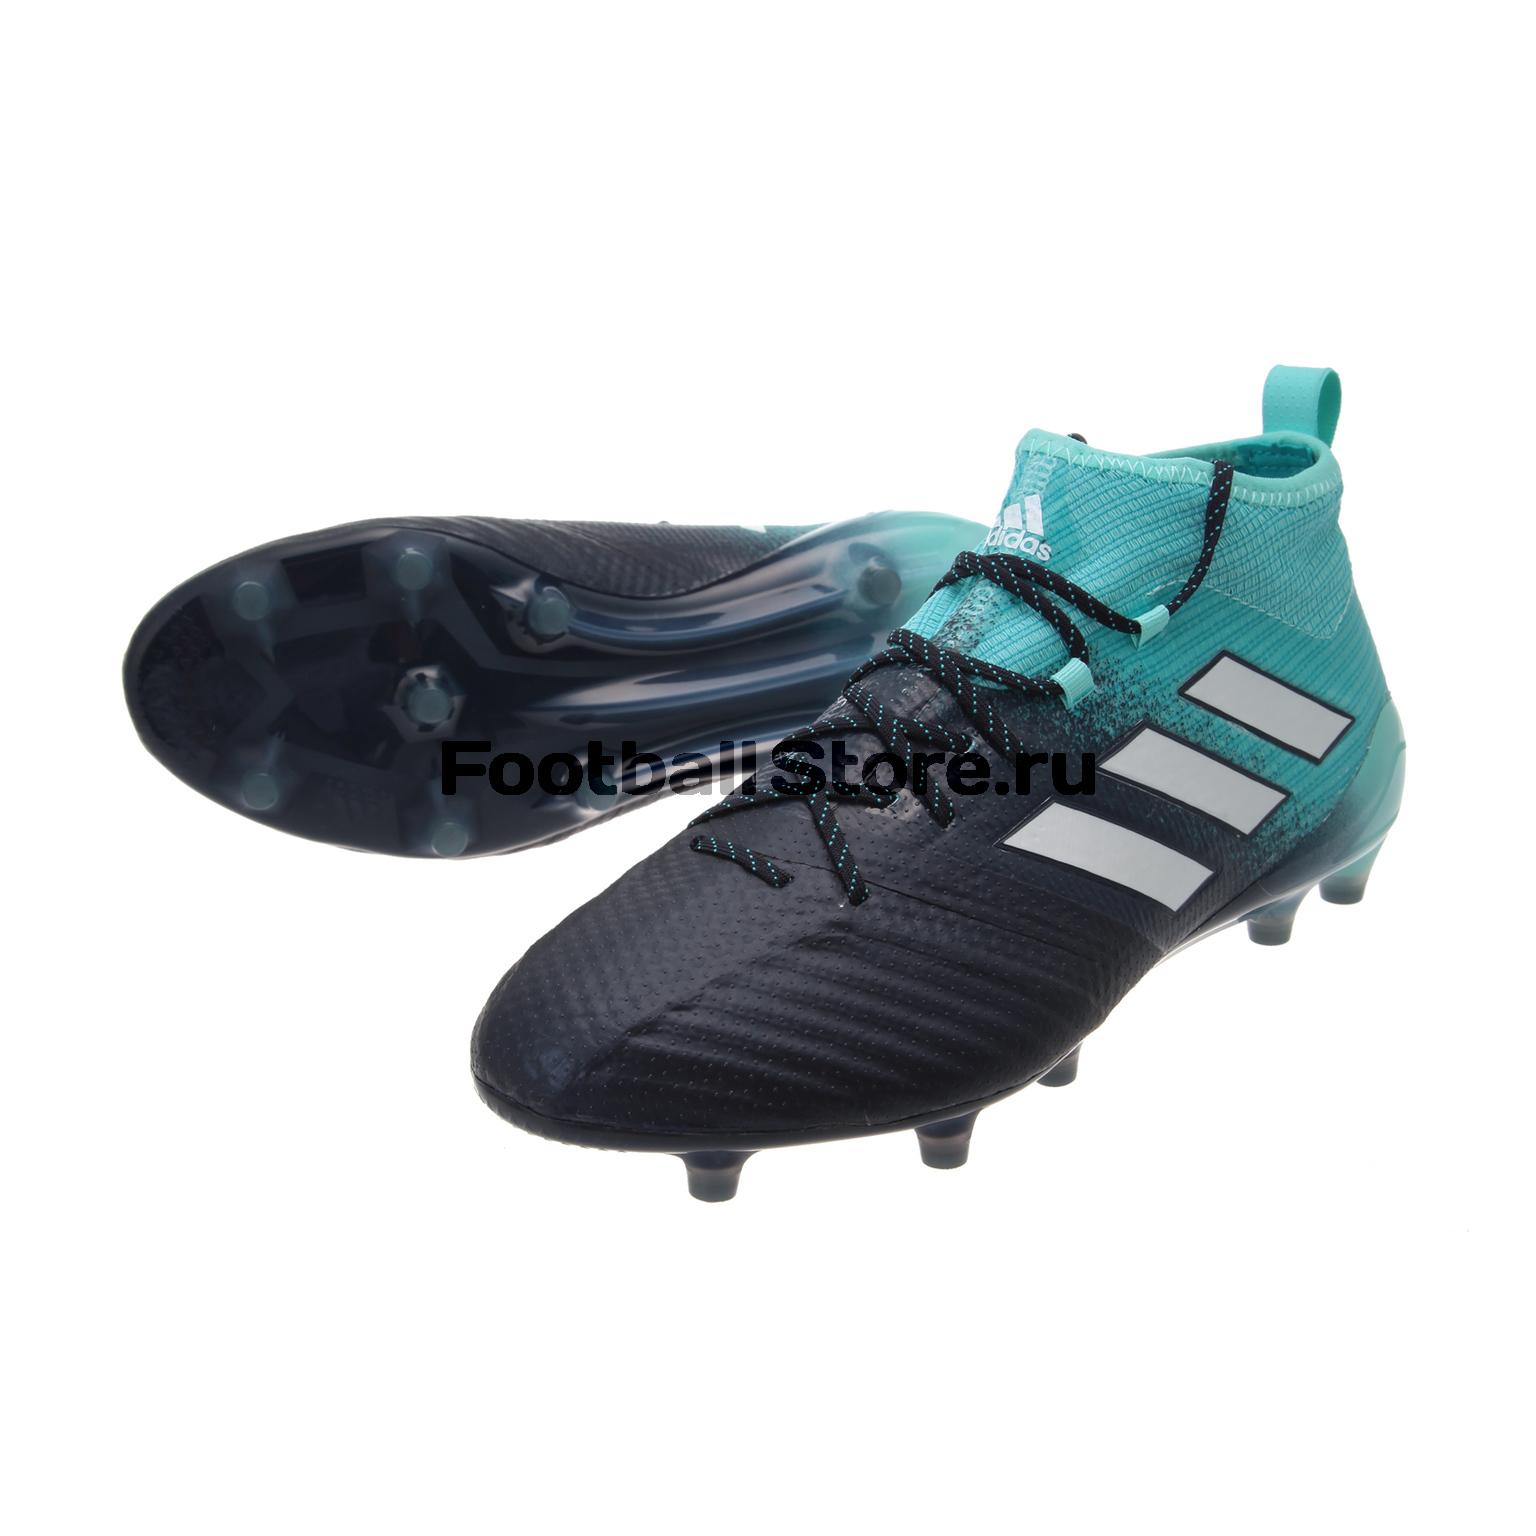 Бутсы Adidas Ace 17.1 FG BY2458 детские бутсы nike бутсы nike jr phantom 3 elite df fg ah7292 081